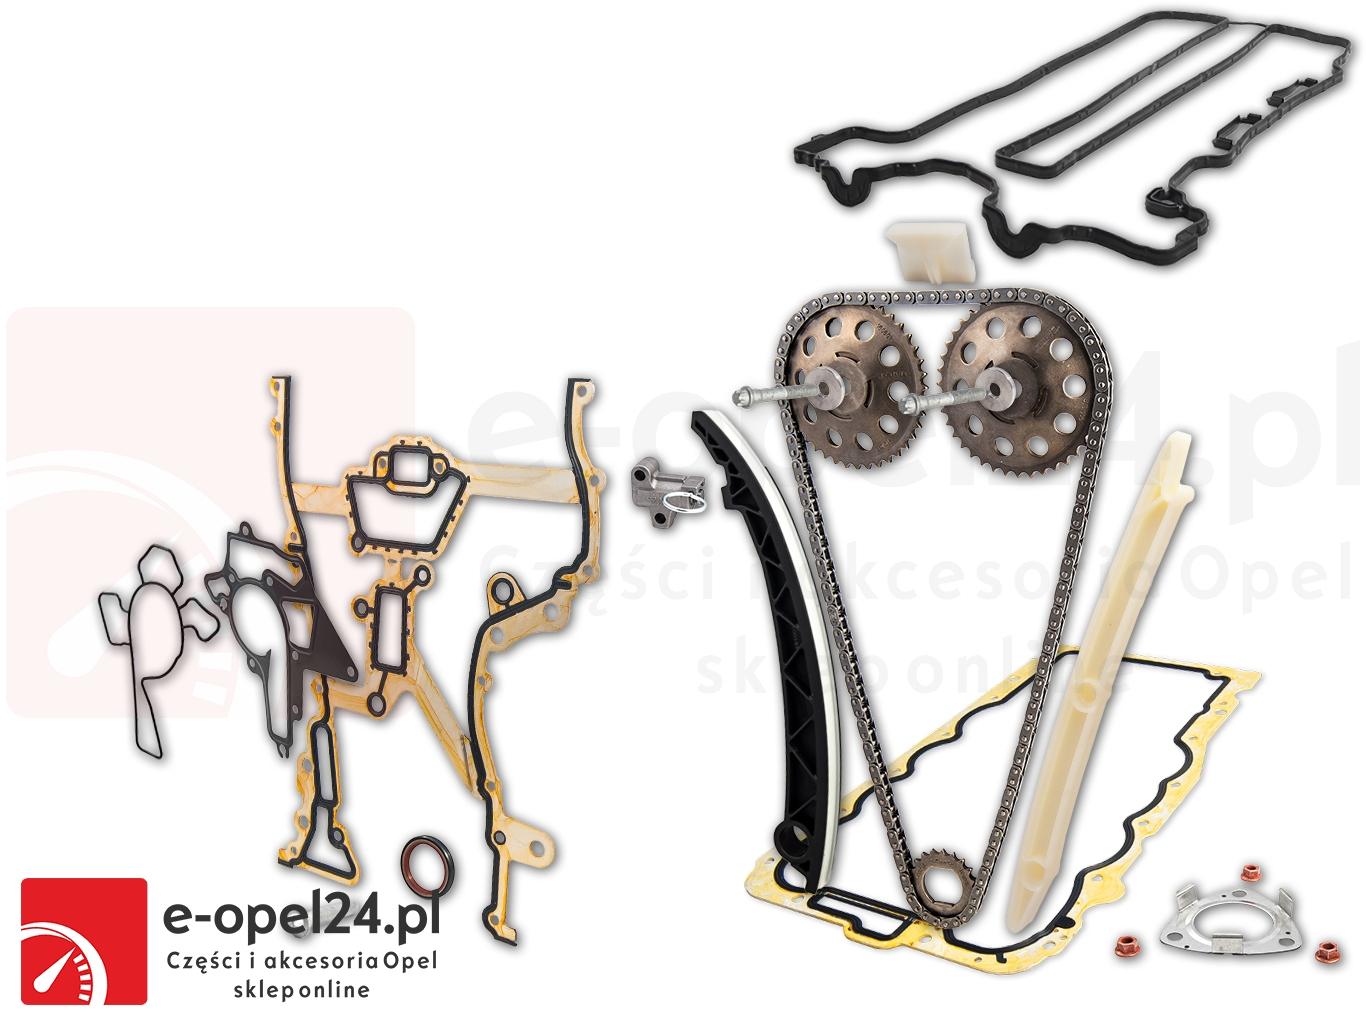 Zestaw rozrządu Opel Astra G H Combo Corsa B C D Meriva A Tigra B Agila A - 1.0 1.2 1.4 - 6606022 / 93191271 / 6606023 / 93191272